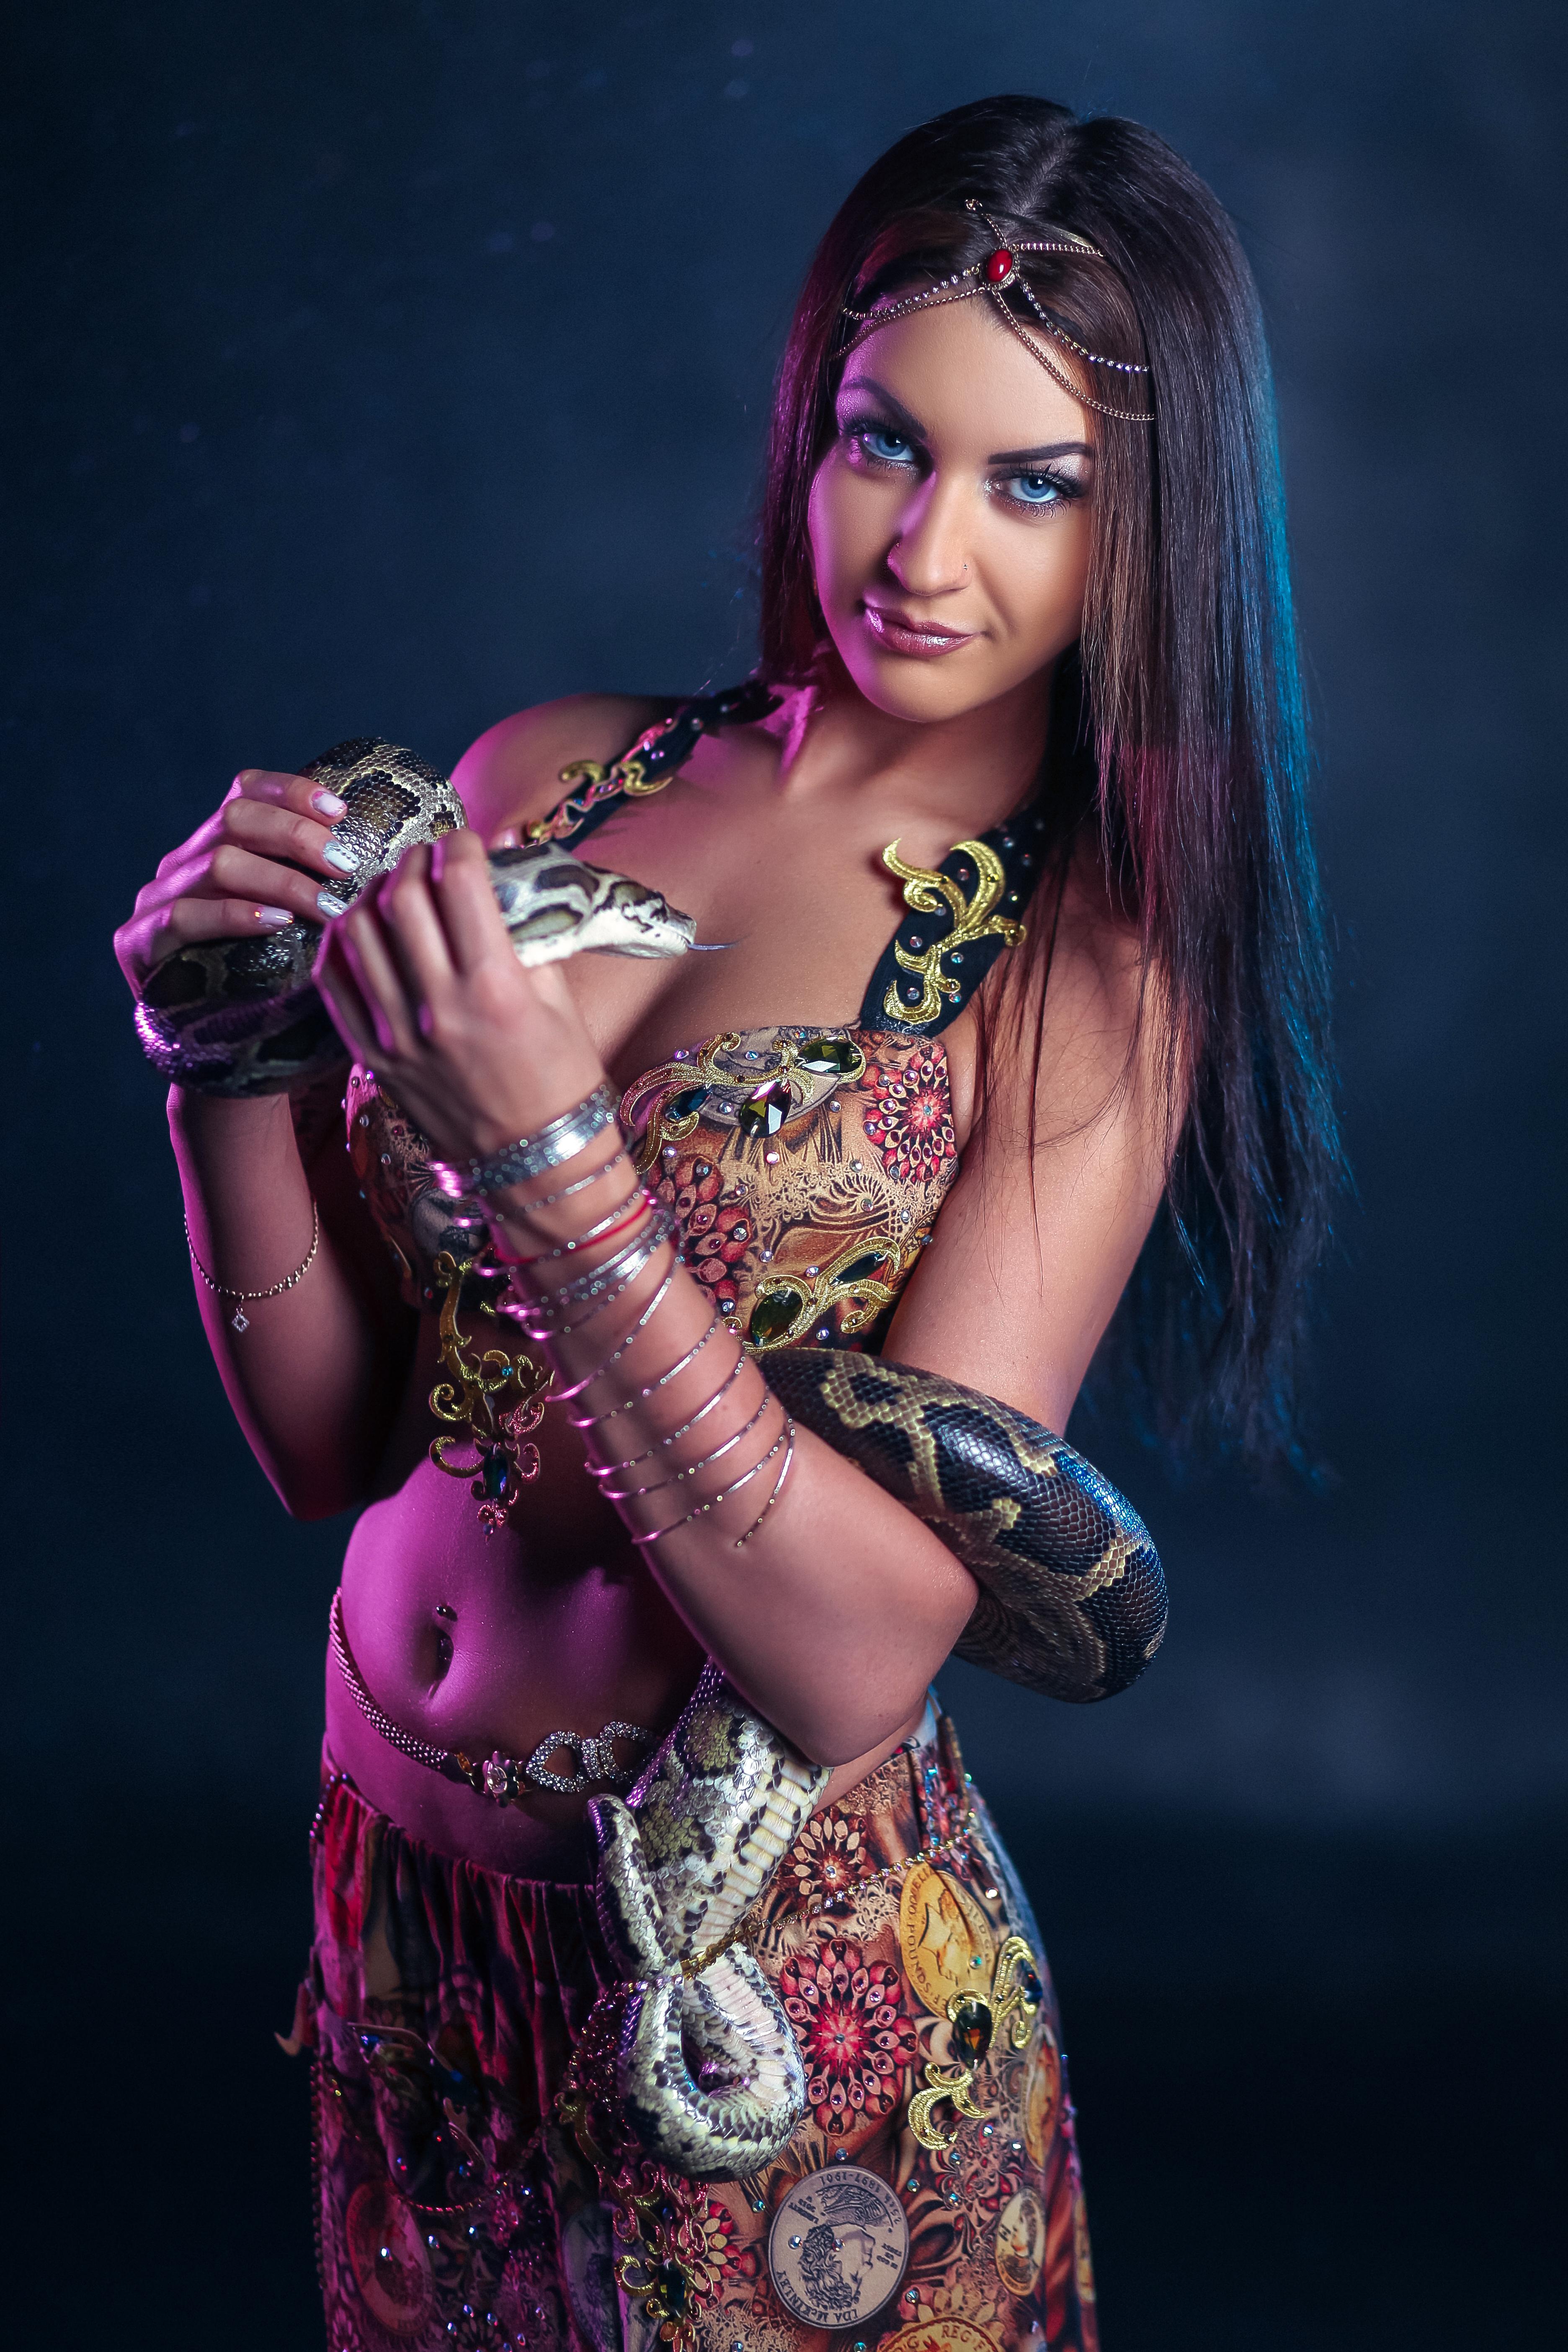 Девушка в восточном костюме со змеей